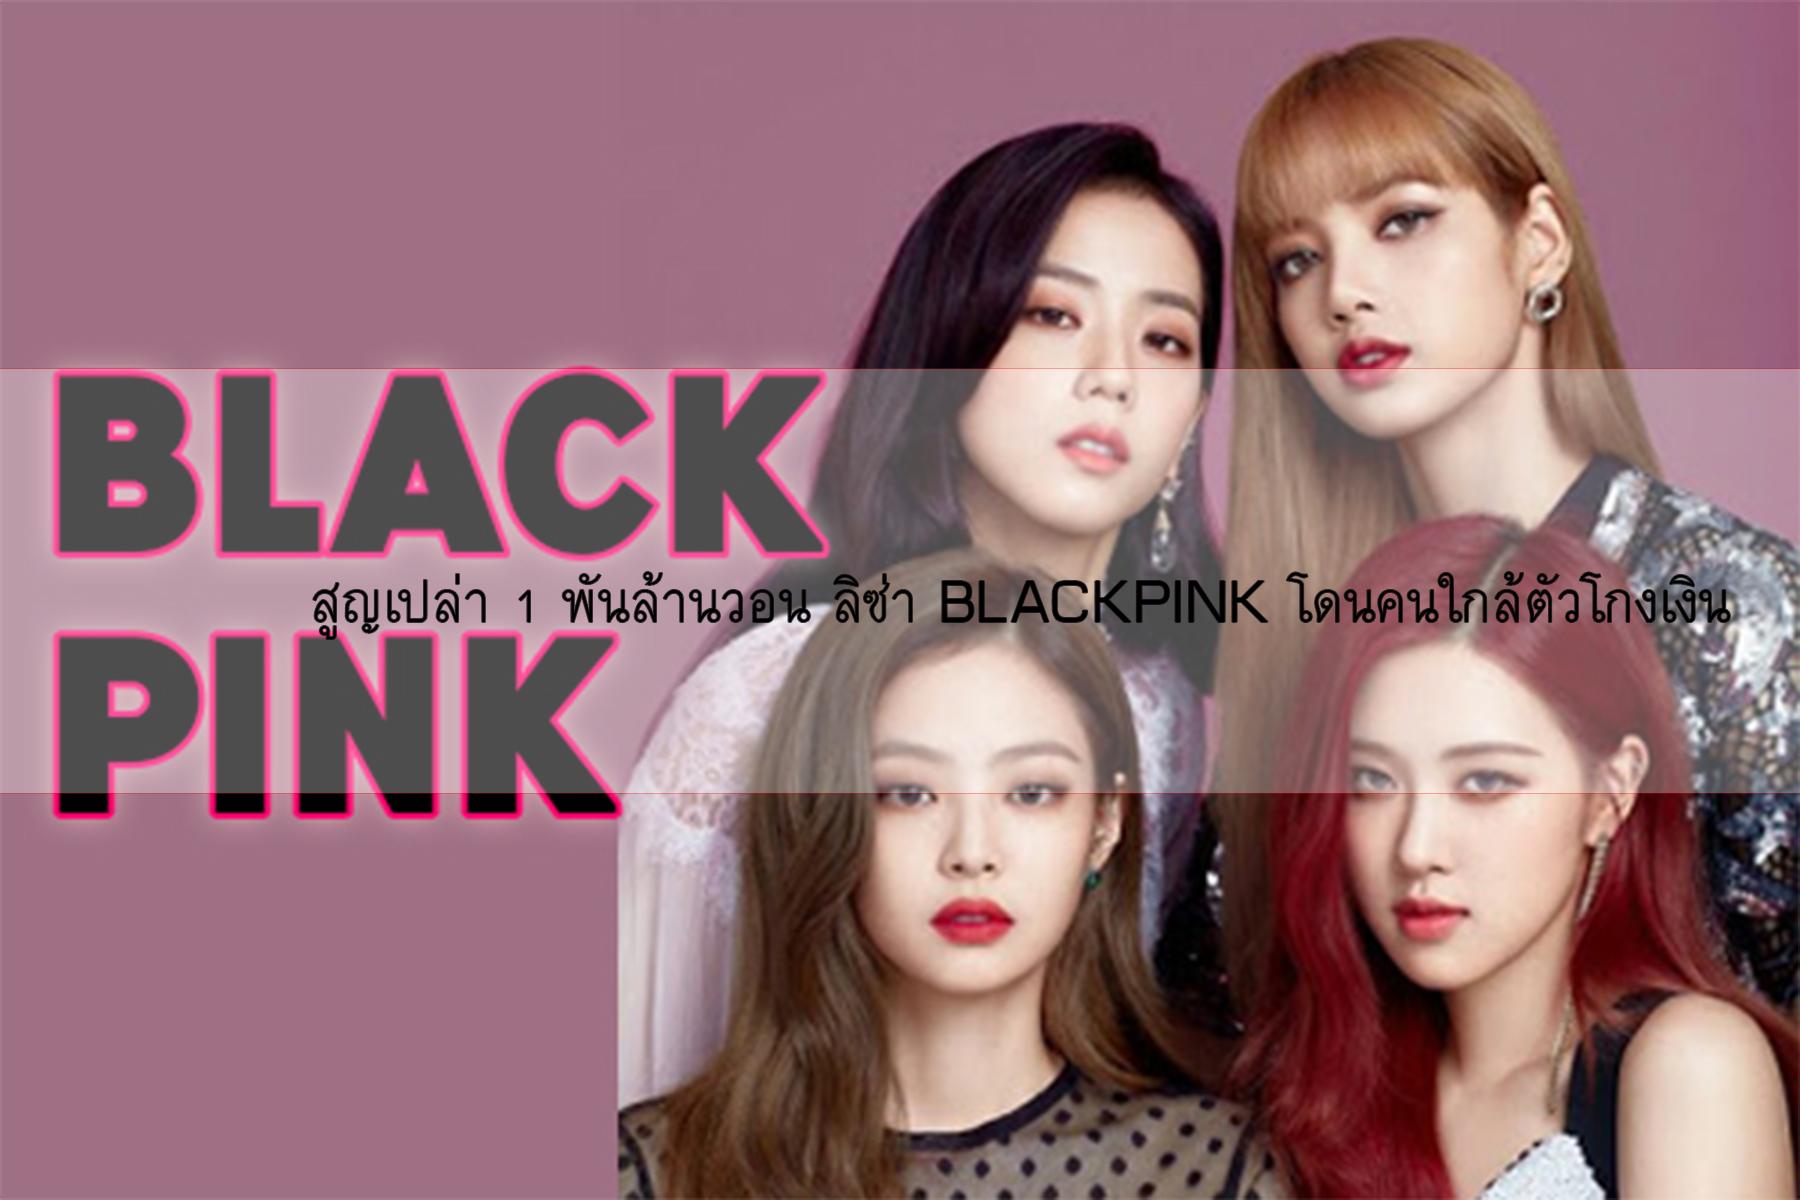 สูญเปล่า 1 พันล้านวอน ลิซ่า BLACKPINK โดนคนใกล้ตัวโกงเงิน